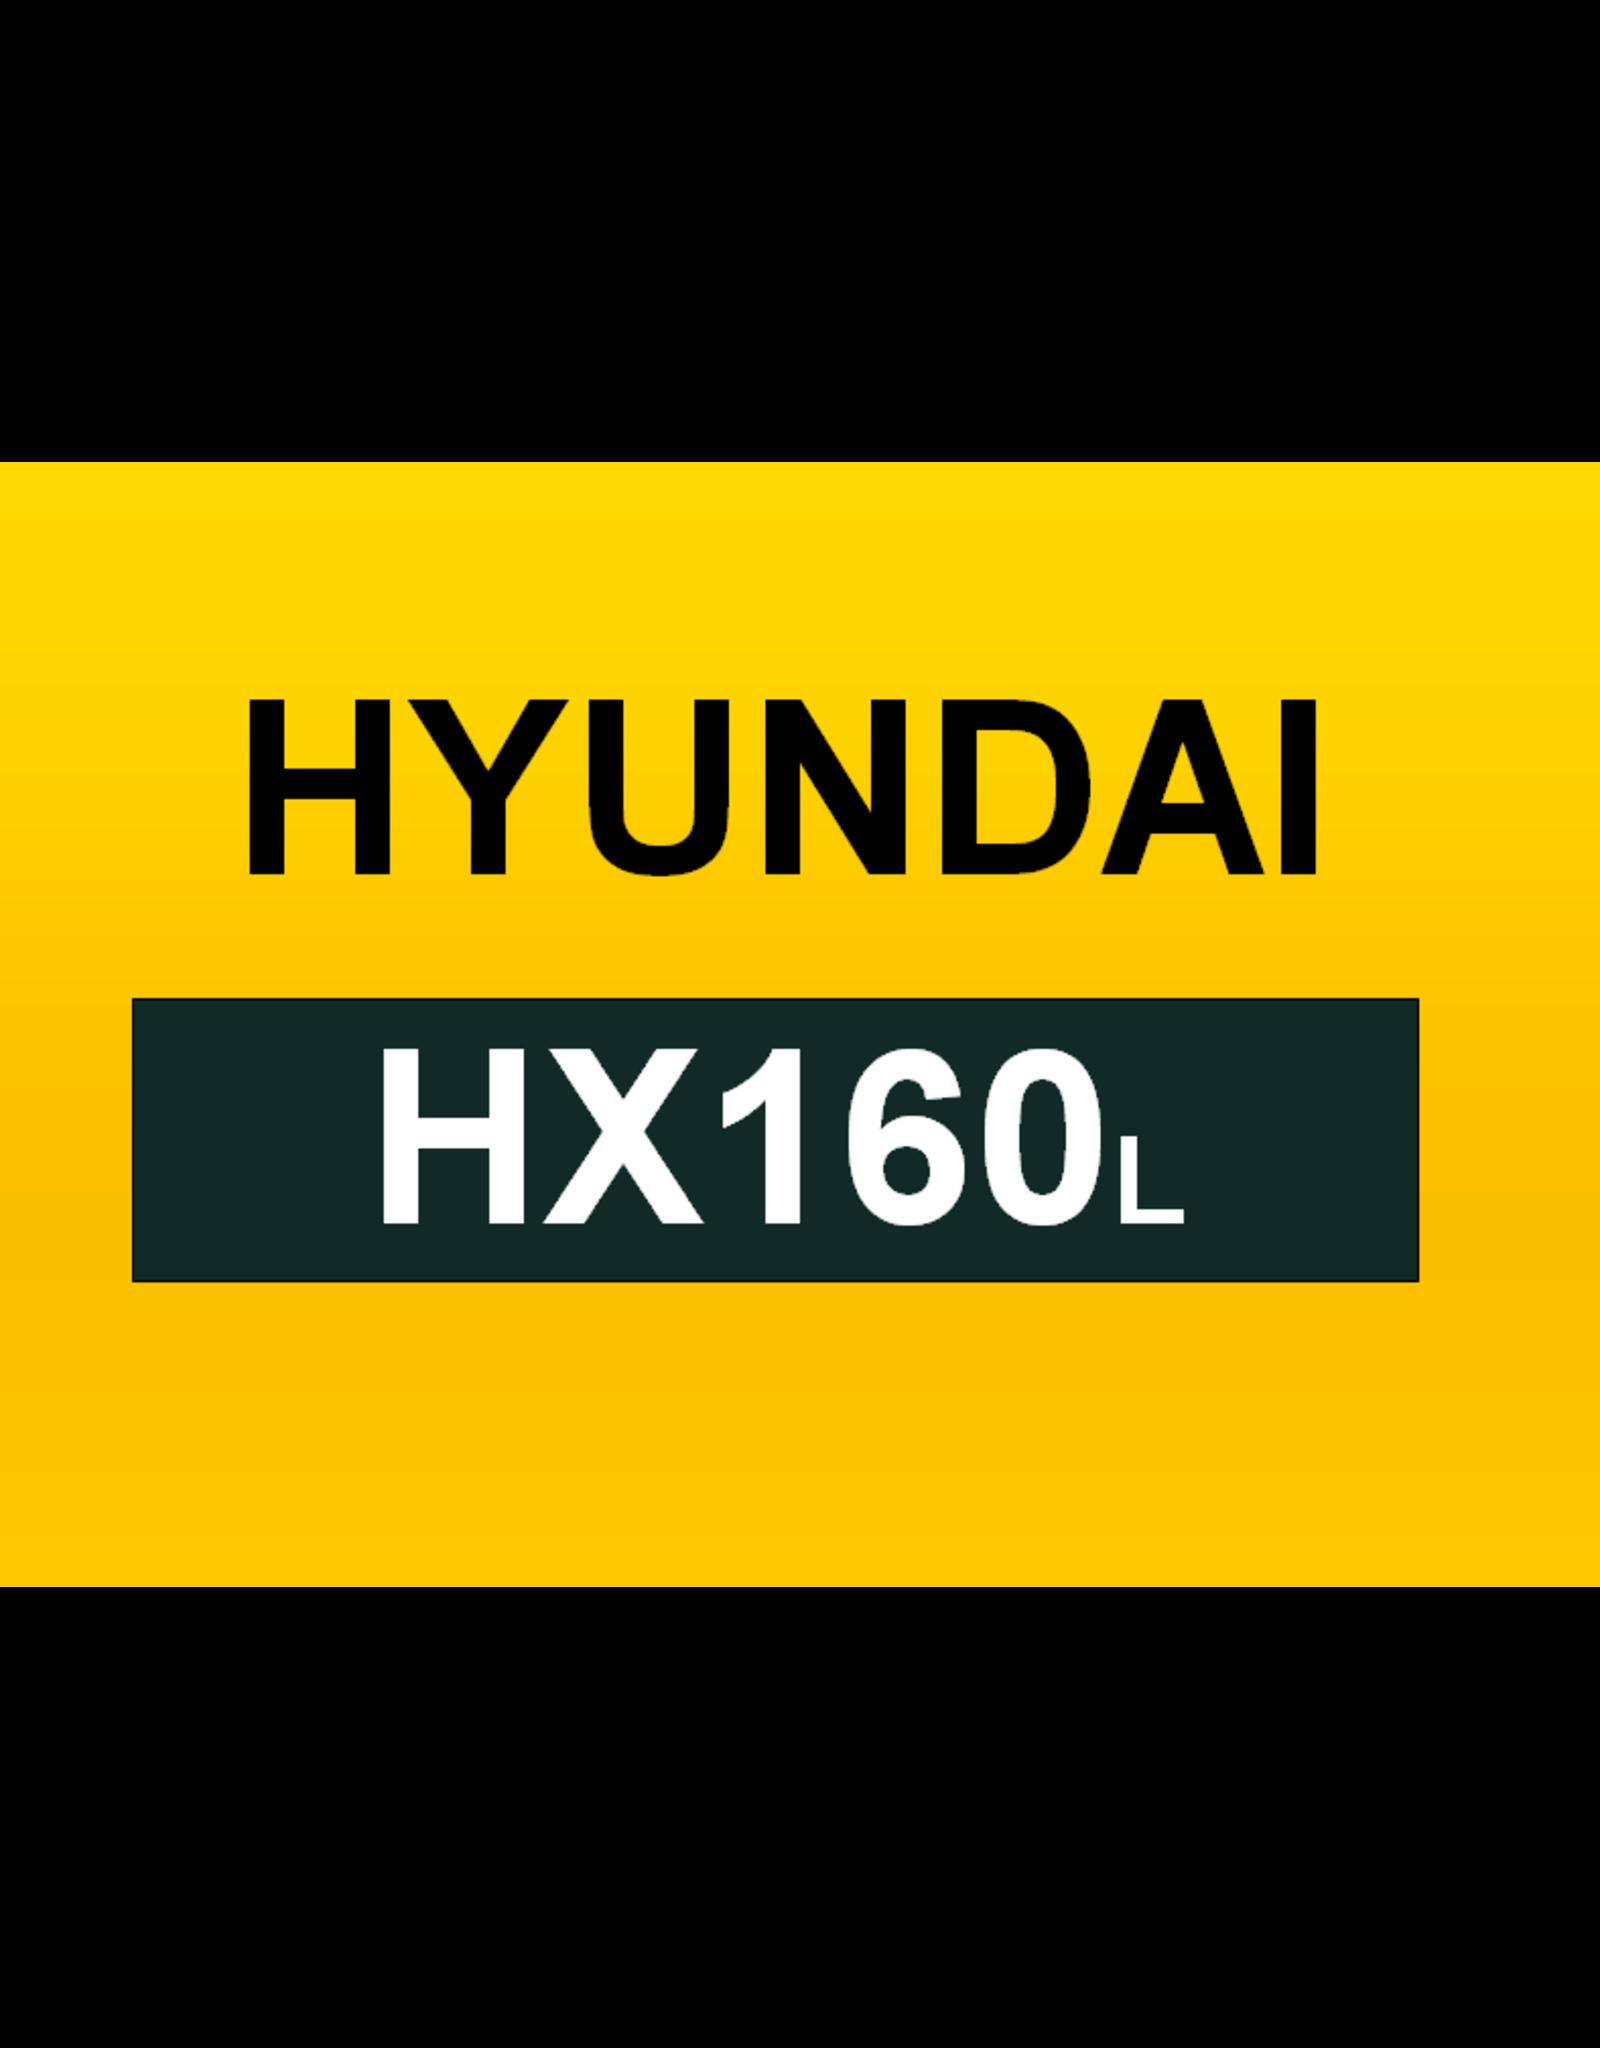 Echle Hartstahl GmbH FOPS für Hyundai HX160L